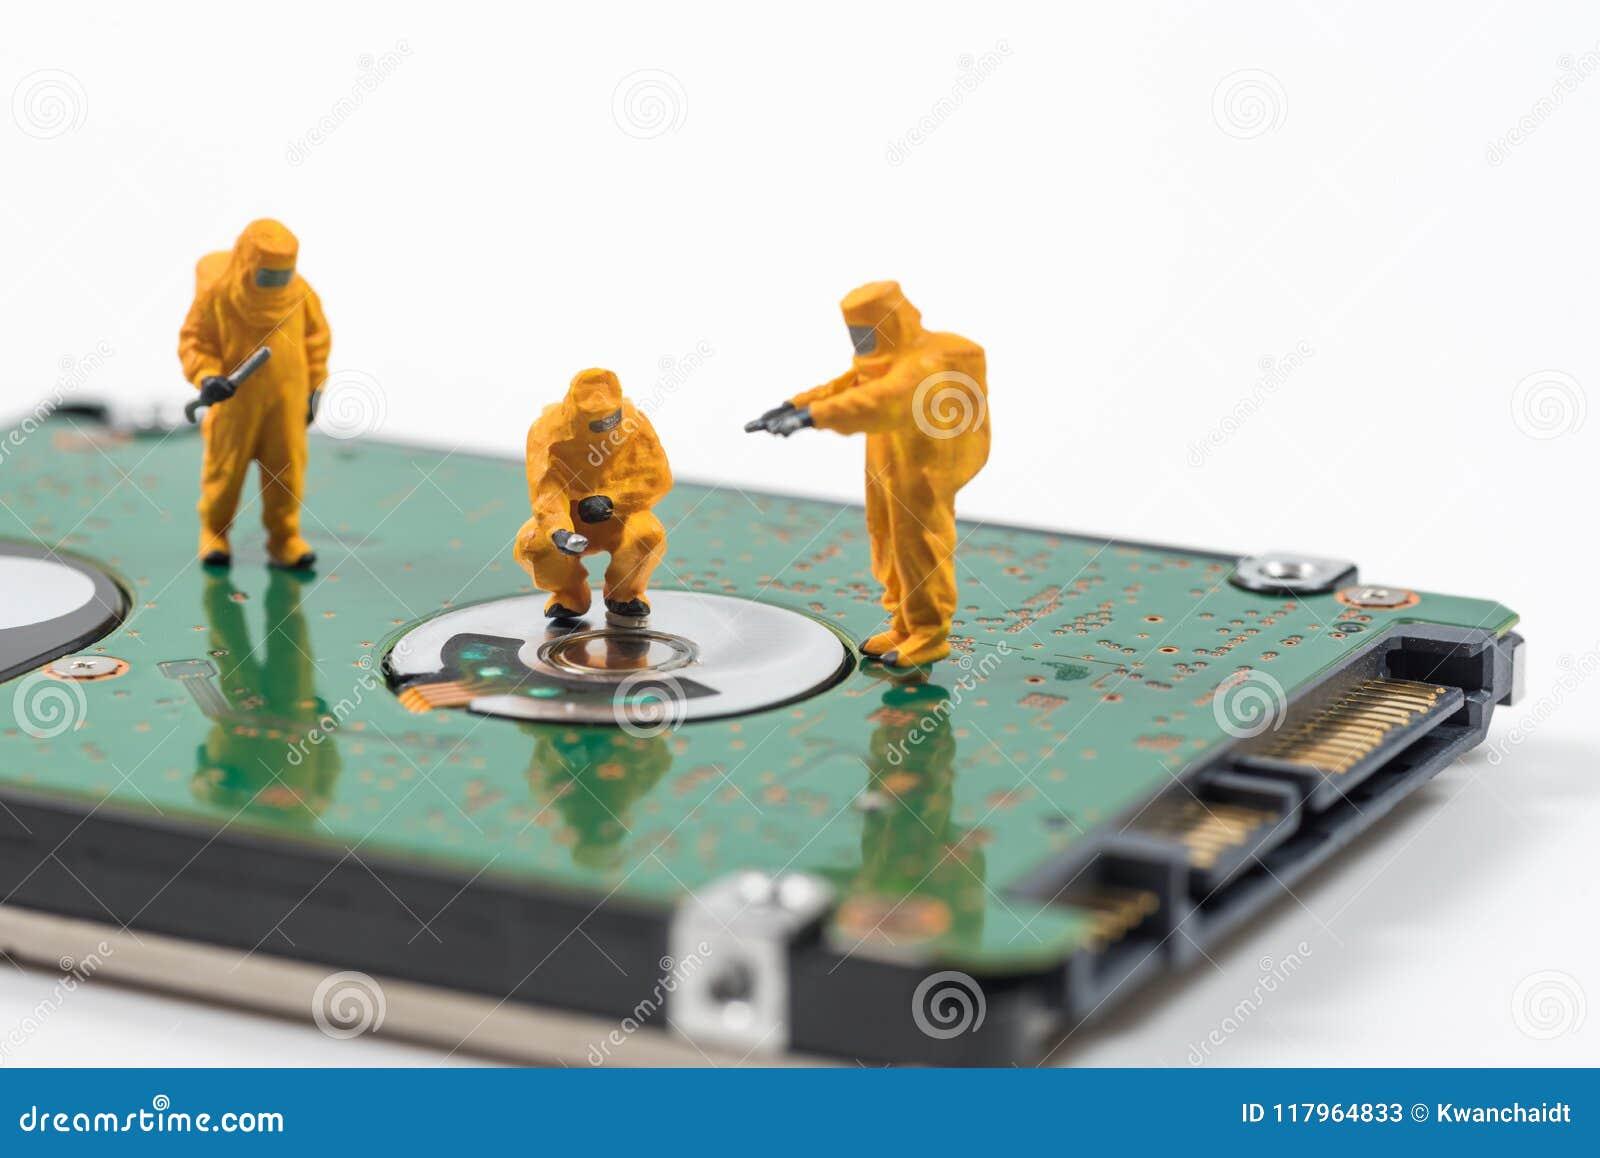 Technisches Miniaturteam überwachen Schadstoffe in hartem DIS